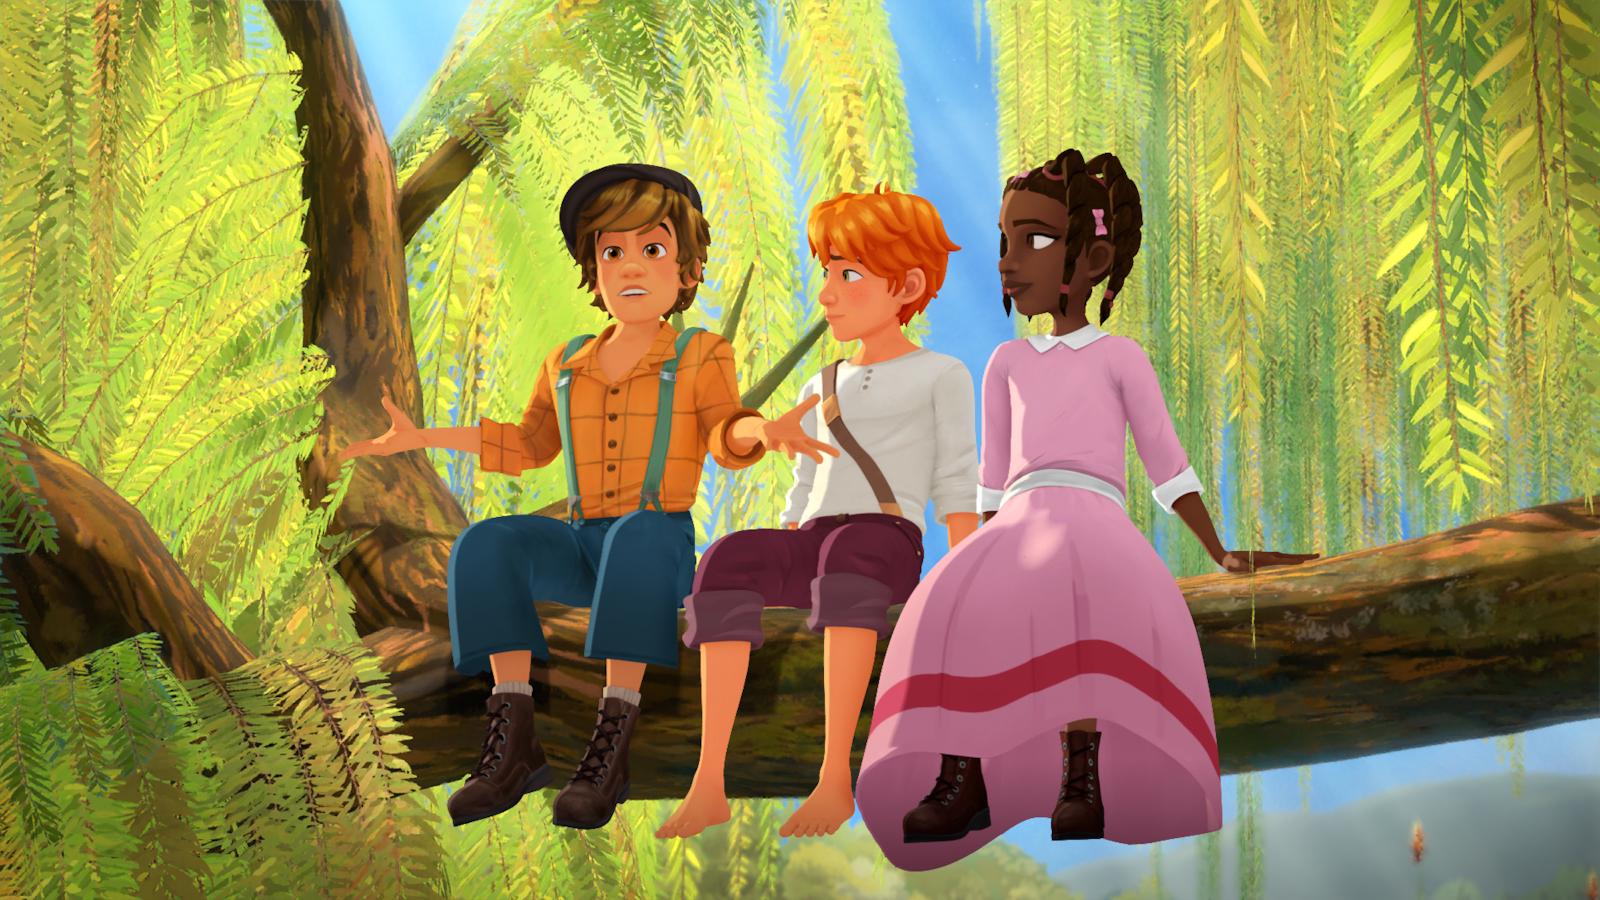 Les trois amis sont assis sur un tronc d'arbre